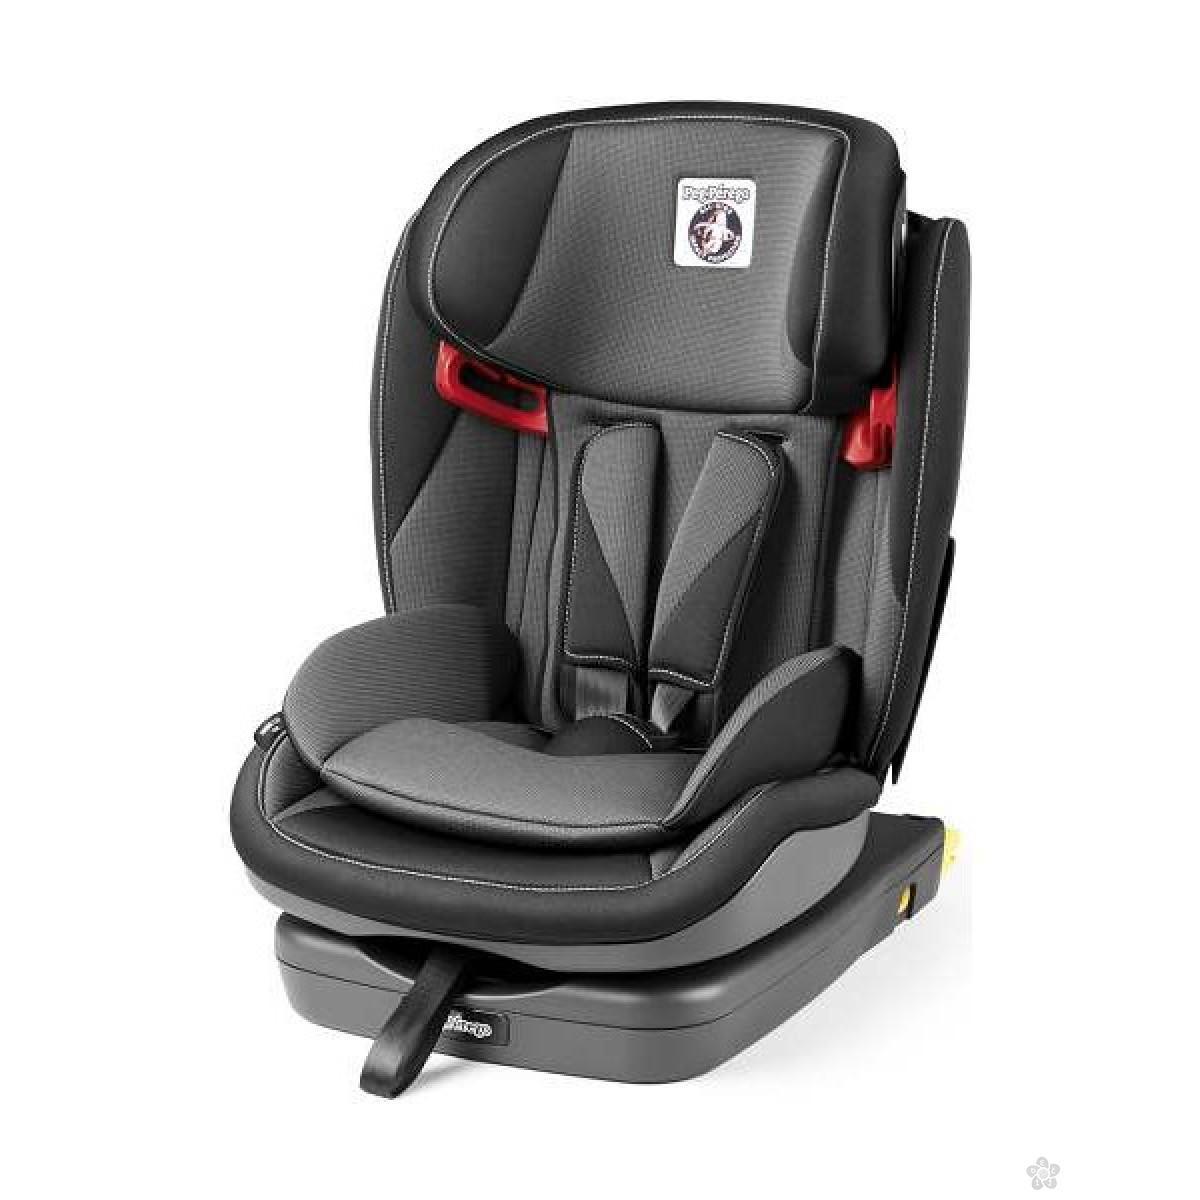 Auto Sedište Viaggio 1-2-3 VIA Crystal Black